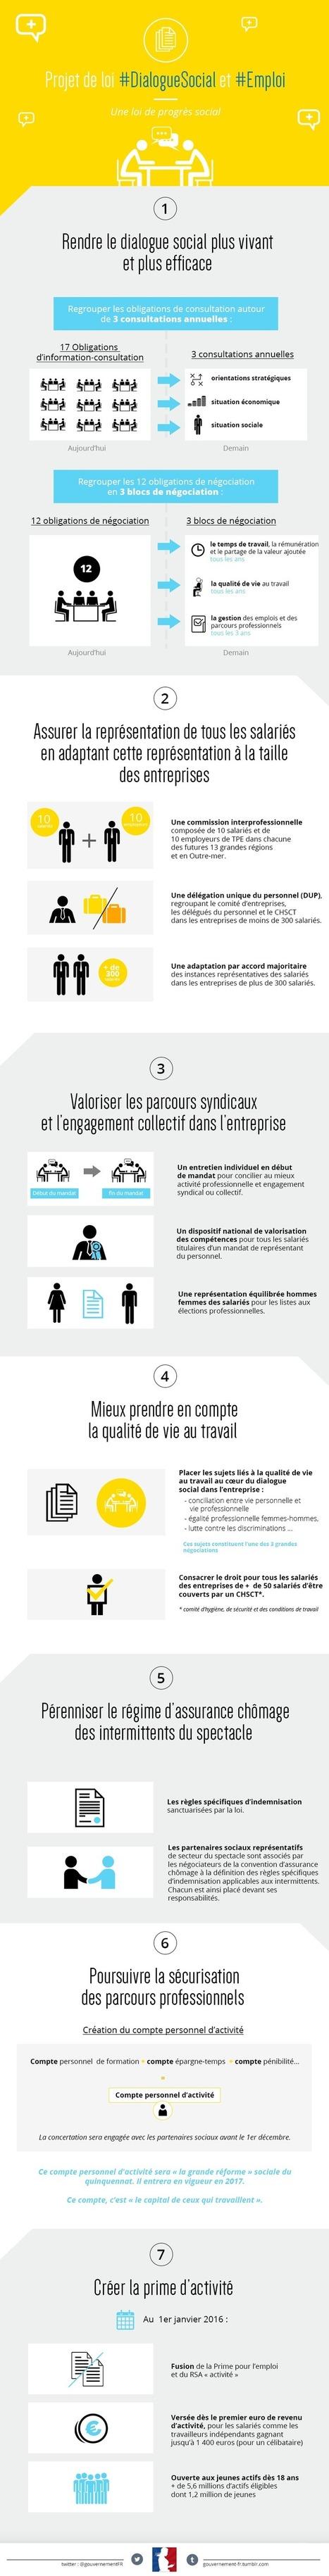 Le projet de loi relatif au #DialogueSocial et à l'#Emploi [infographie] | Entretiens Professionnels | Scoop.it